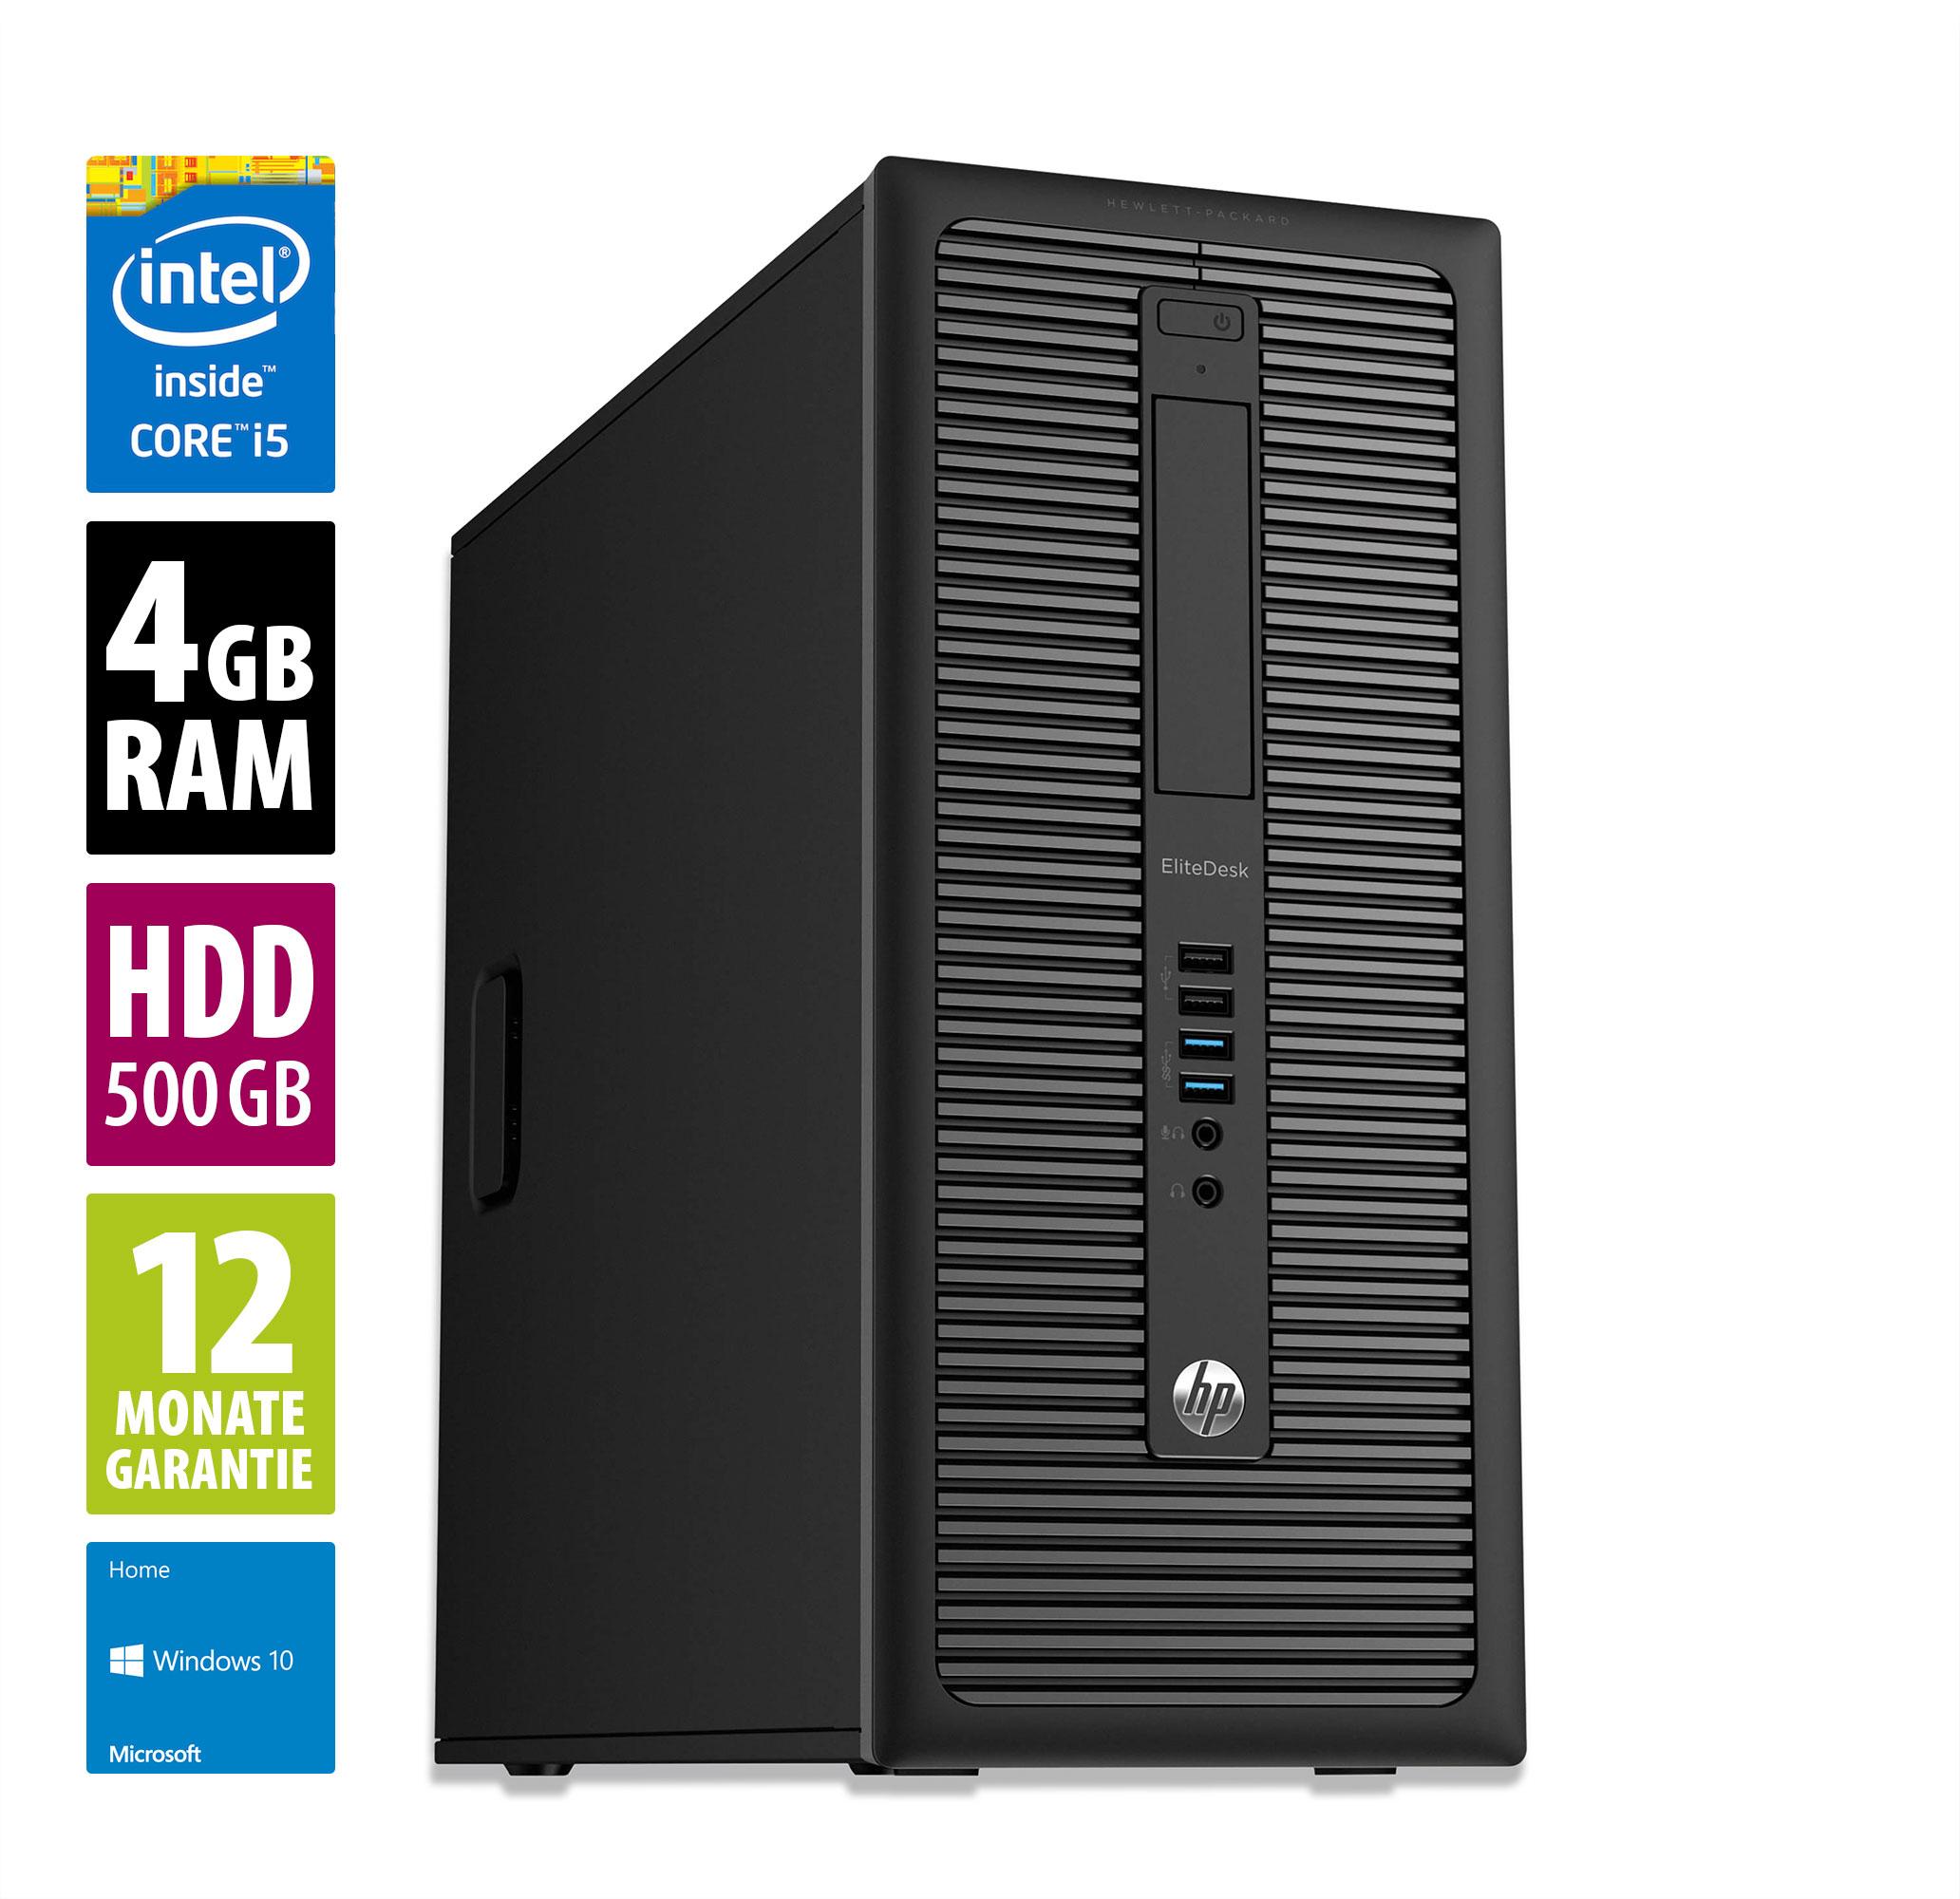 HP EliteDesk 800 G1 i5 4570 - 4GB DDR3 - 500GB HDD - Windows 10 Home [AfB-Shop]